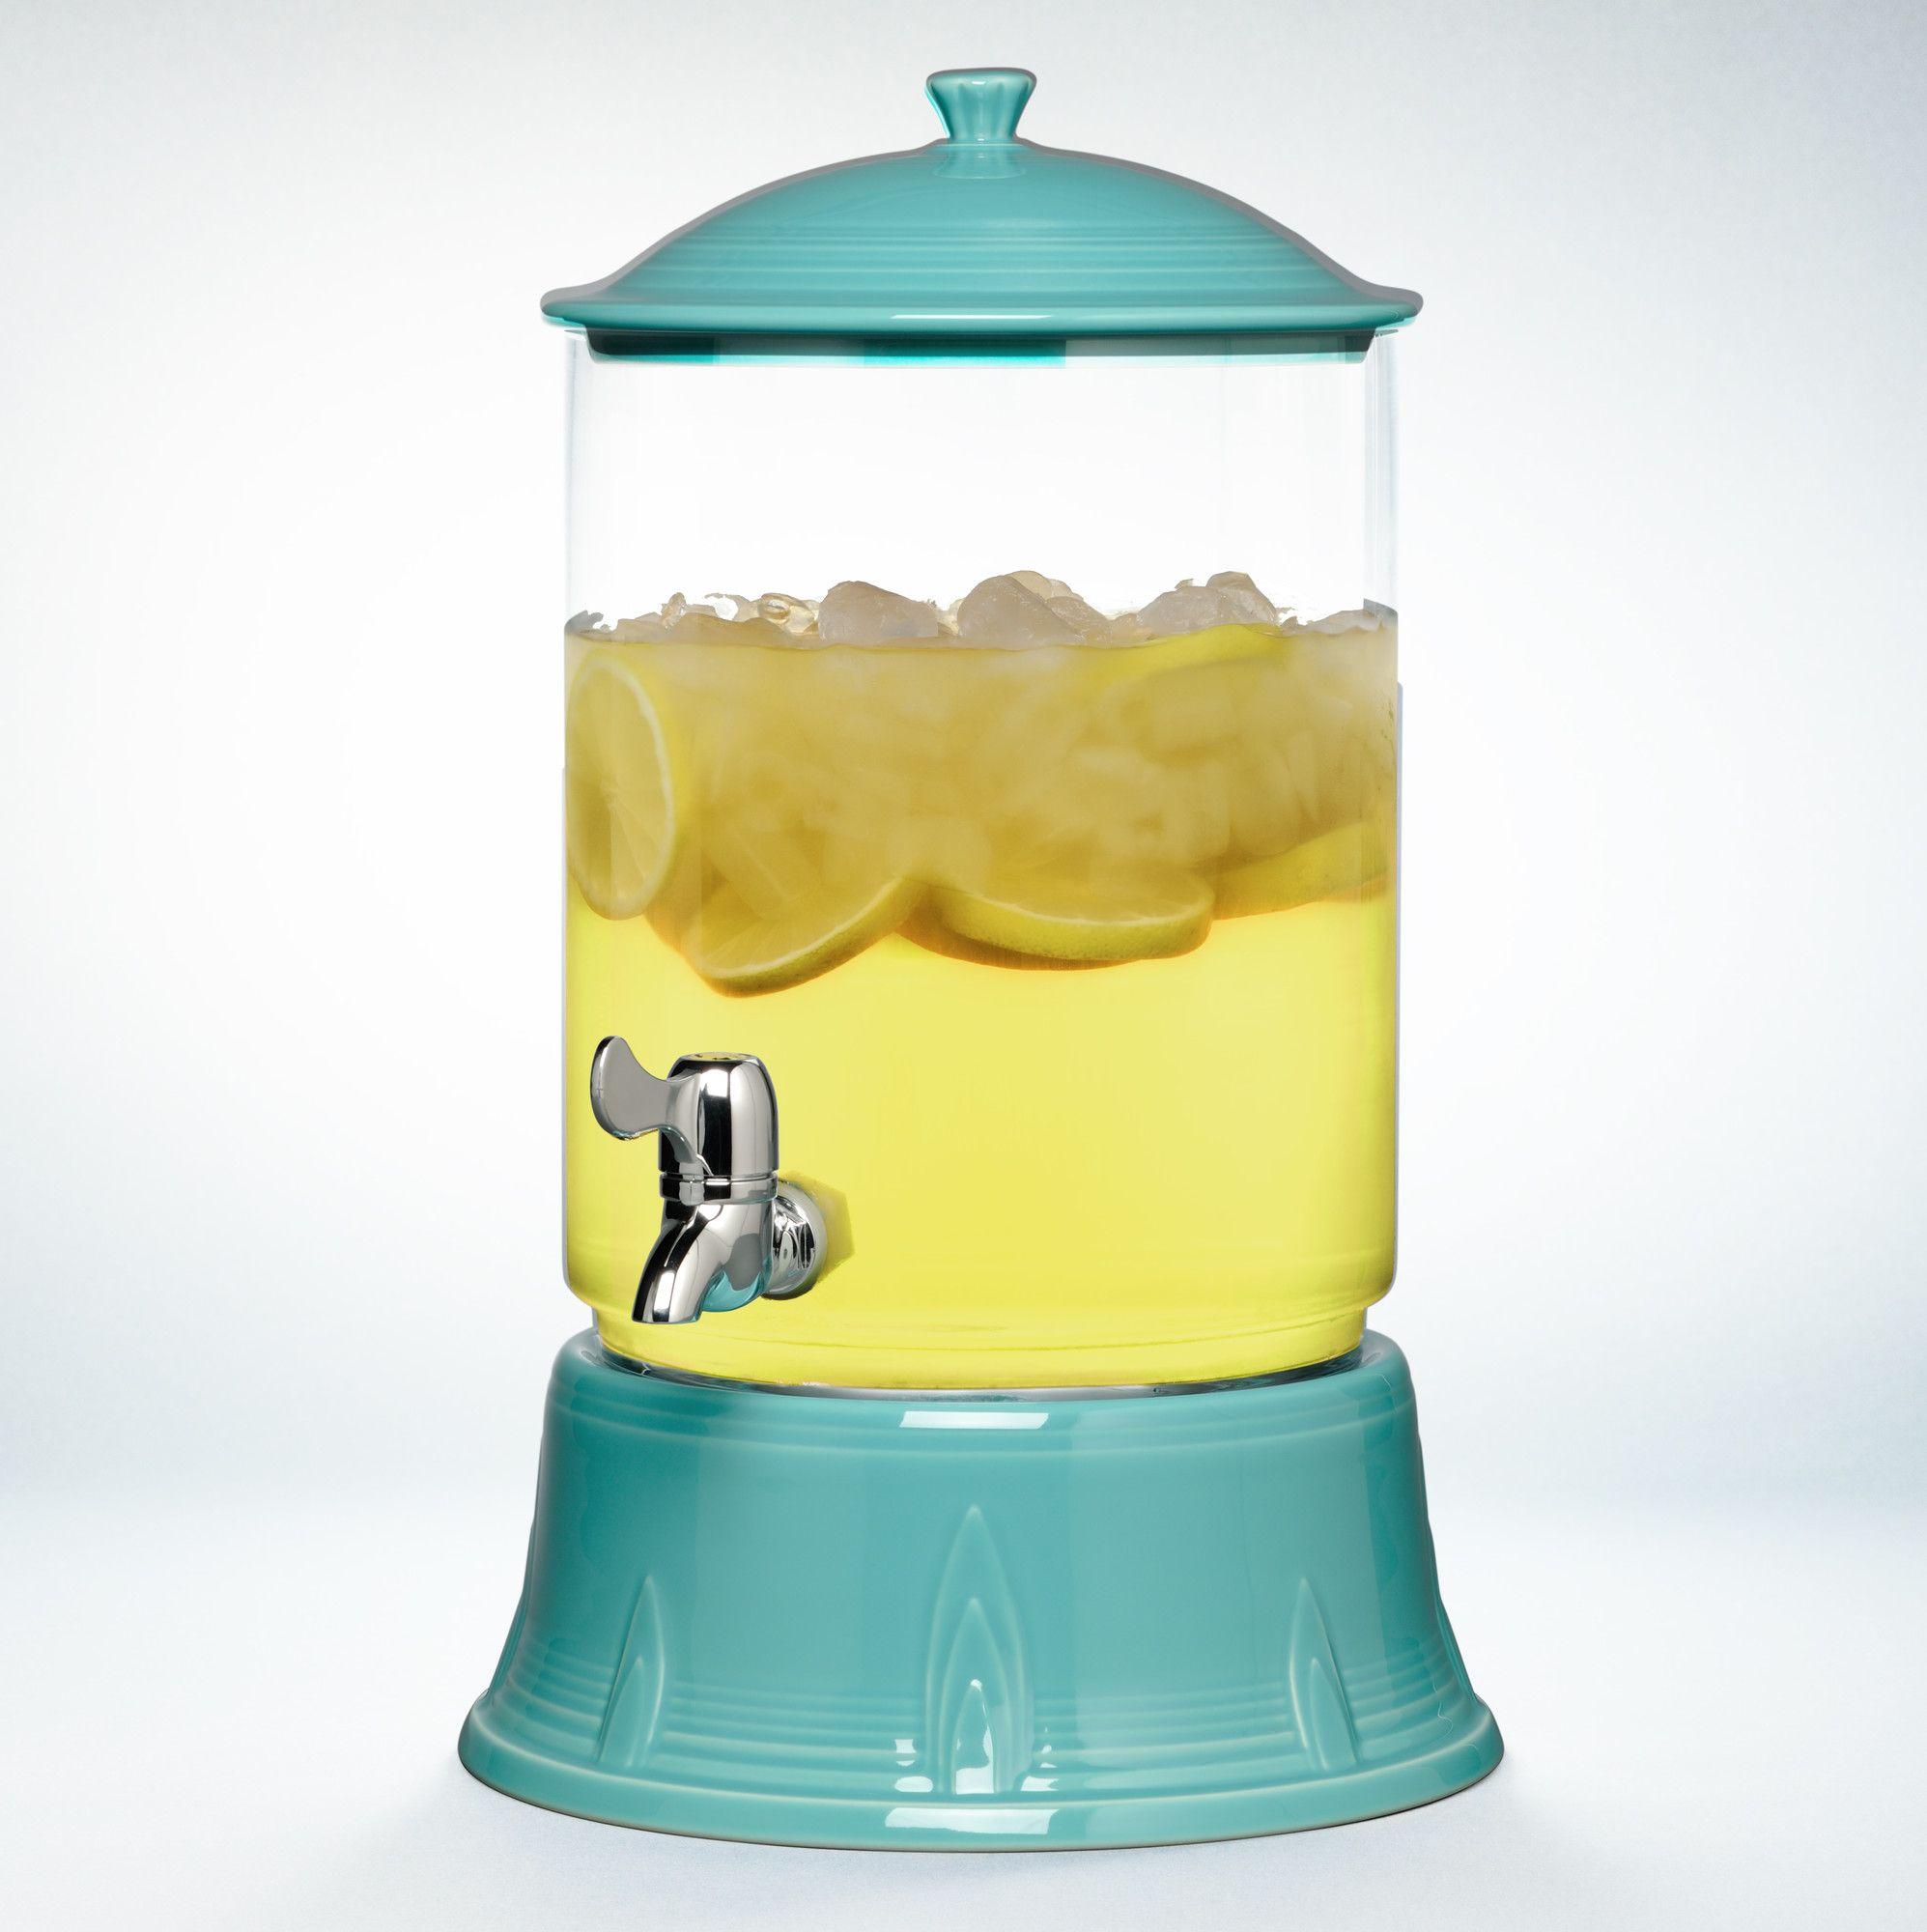 Fiesta 2 Gallon Beverage Dispenser & Reviews | Wayfair